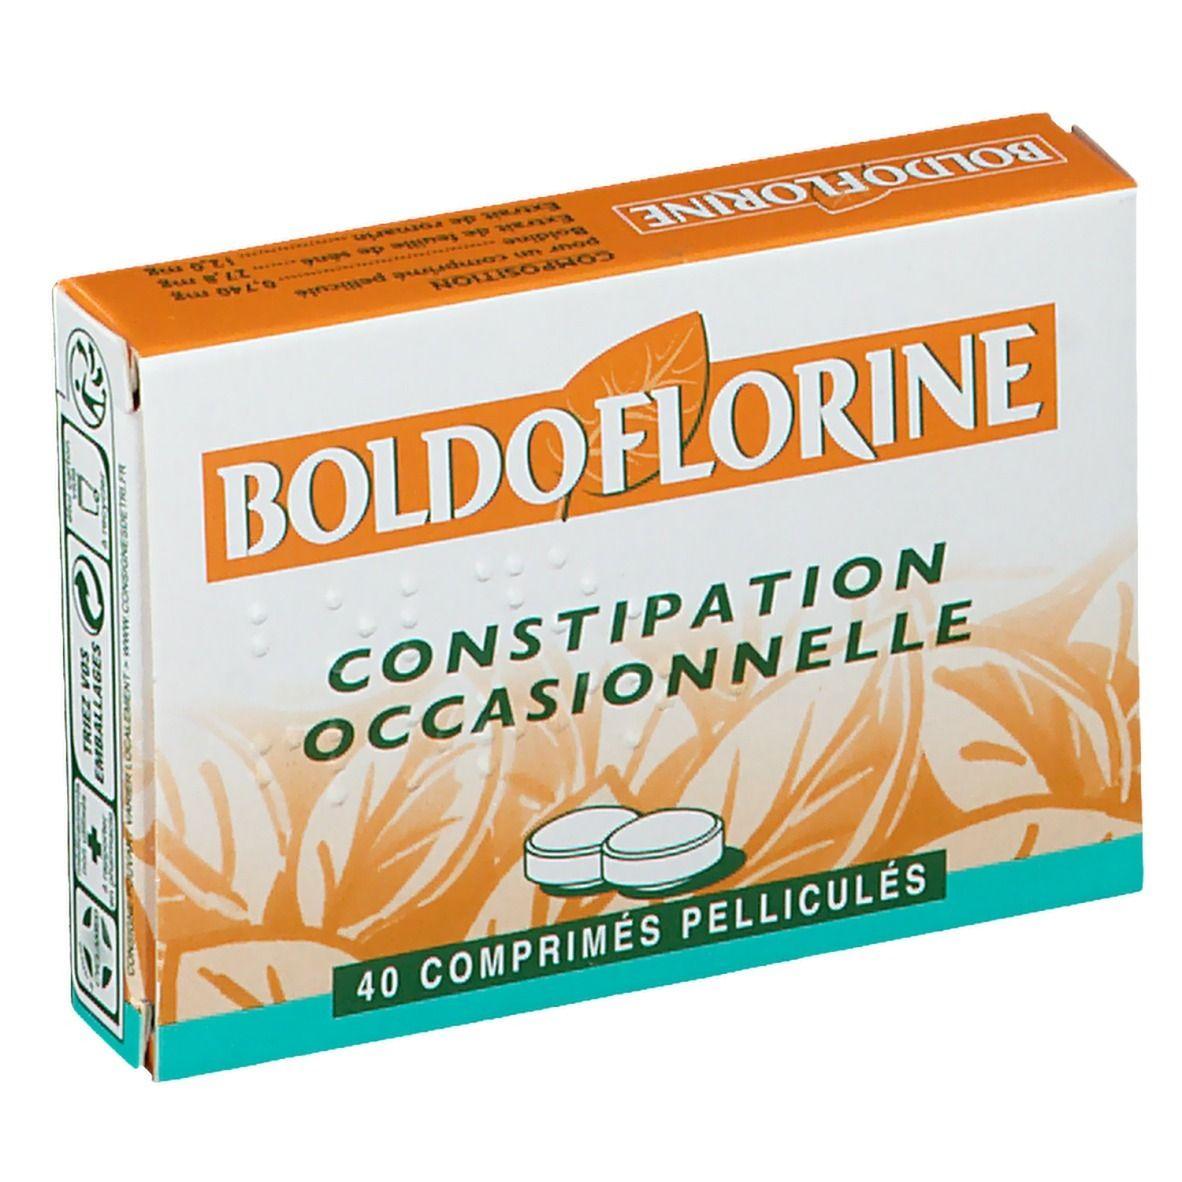 Boldoflorine Constipation Passagère pc(s) comprimé(s)